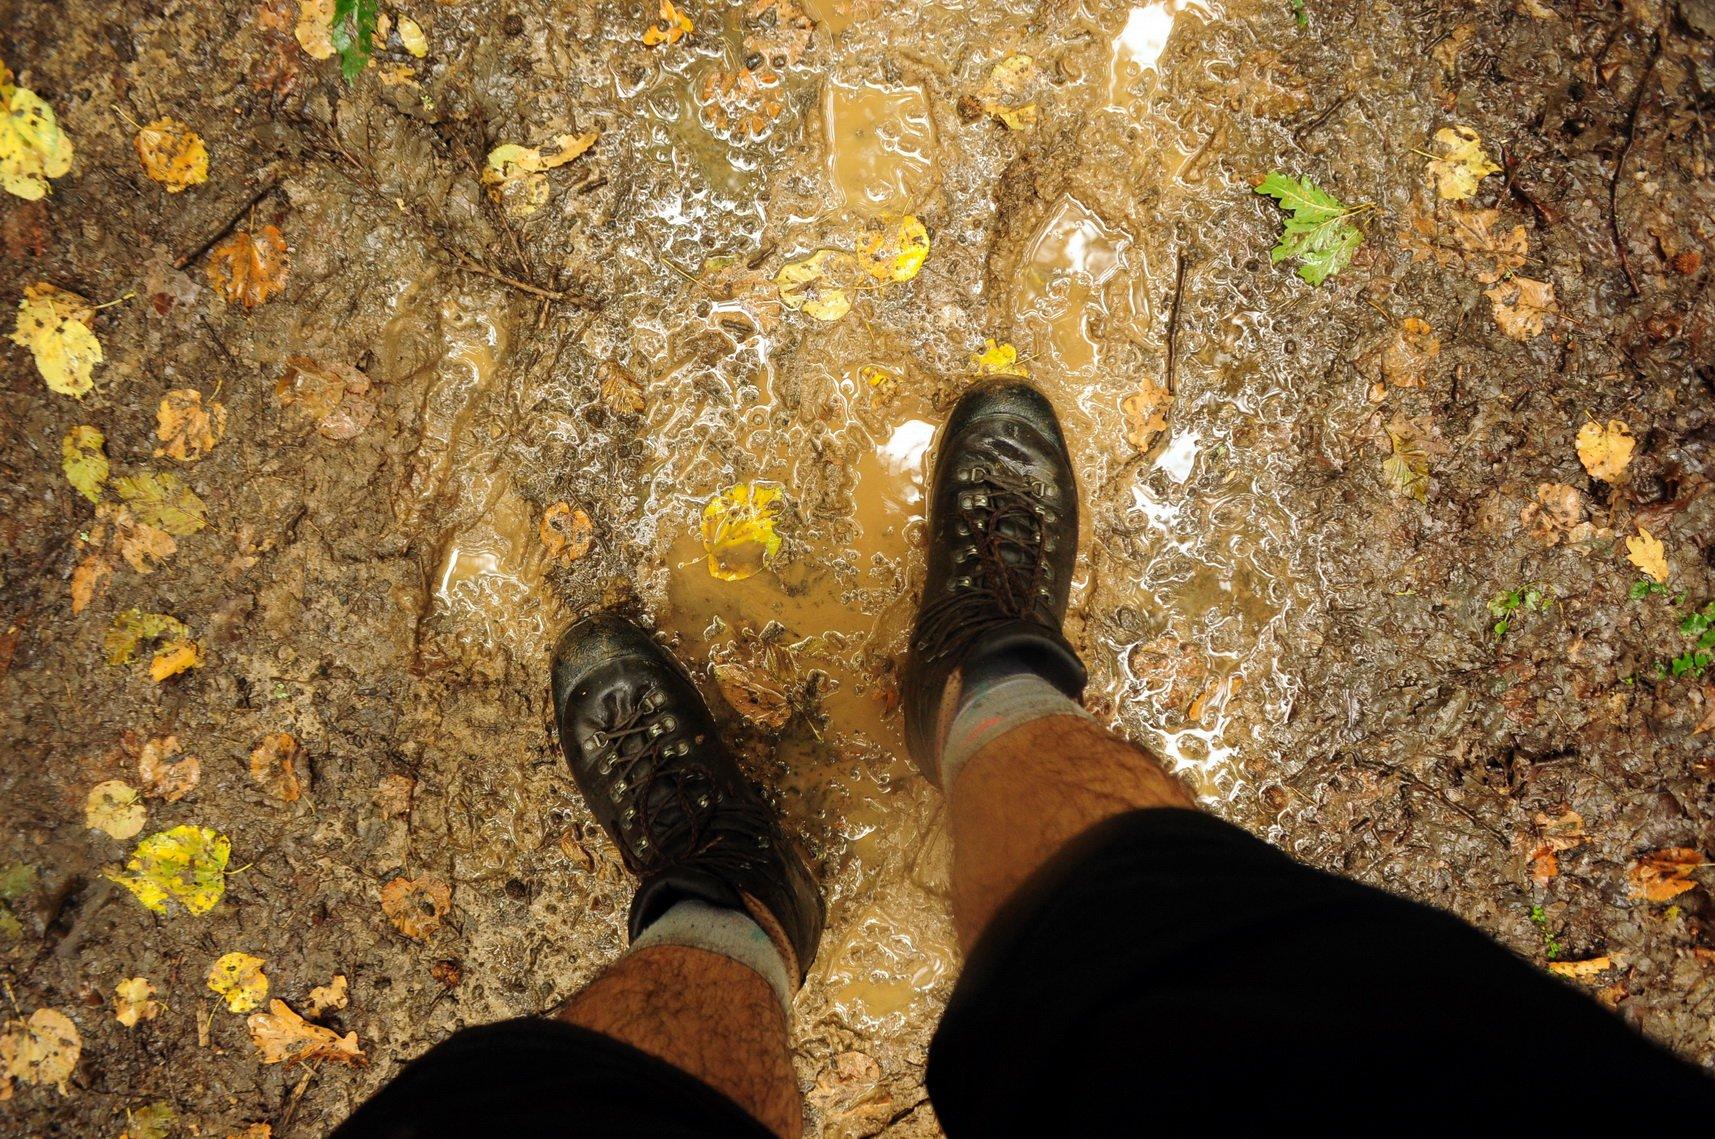 Nem kell patak átkelés, hogy lábbelink vizes legyen